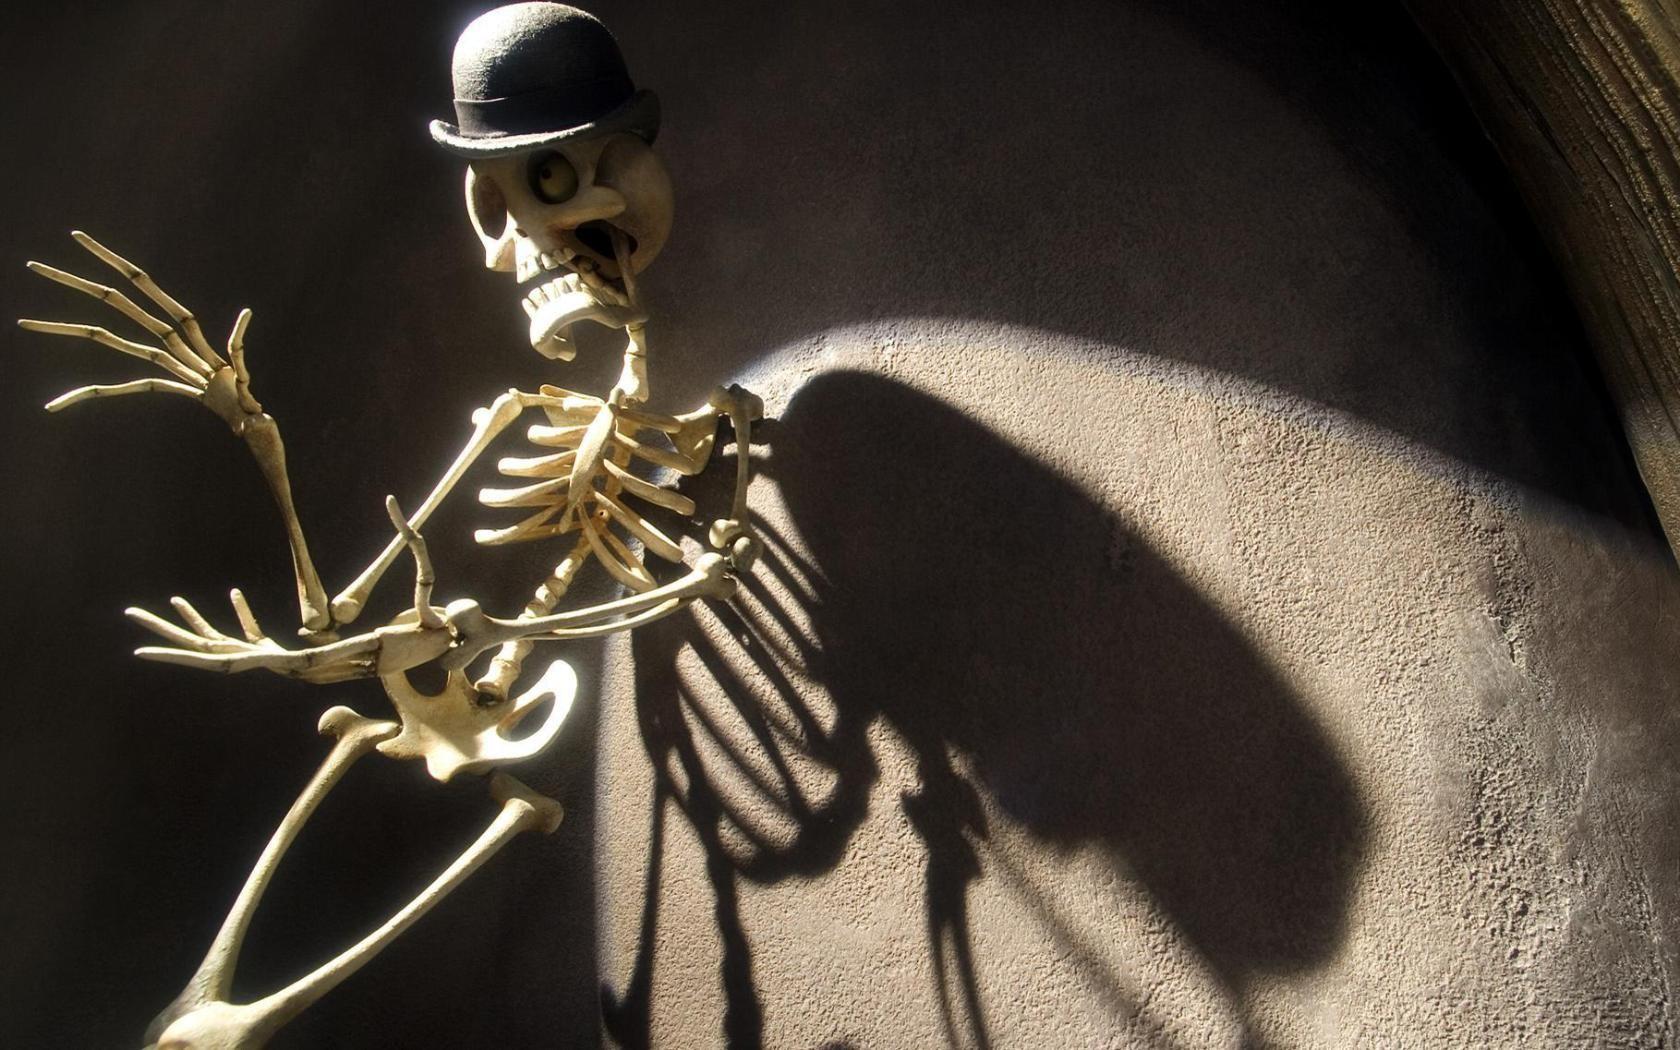 Прикольные картинки на аву скелеты, днем